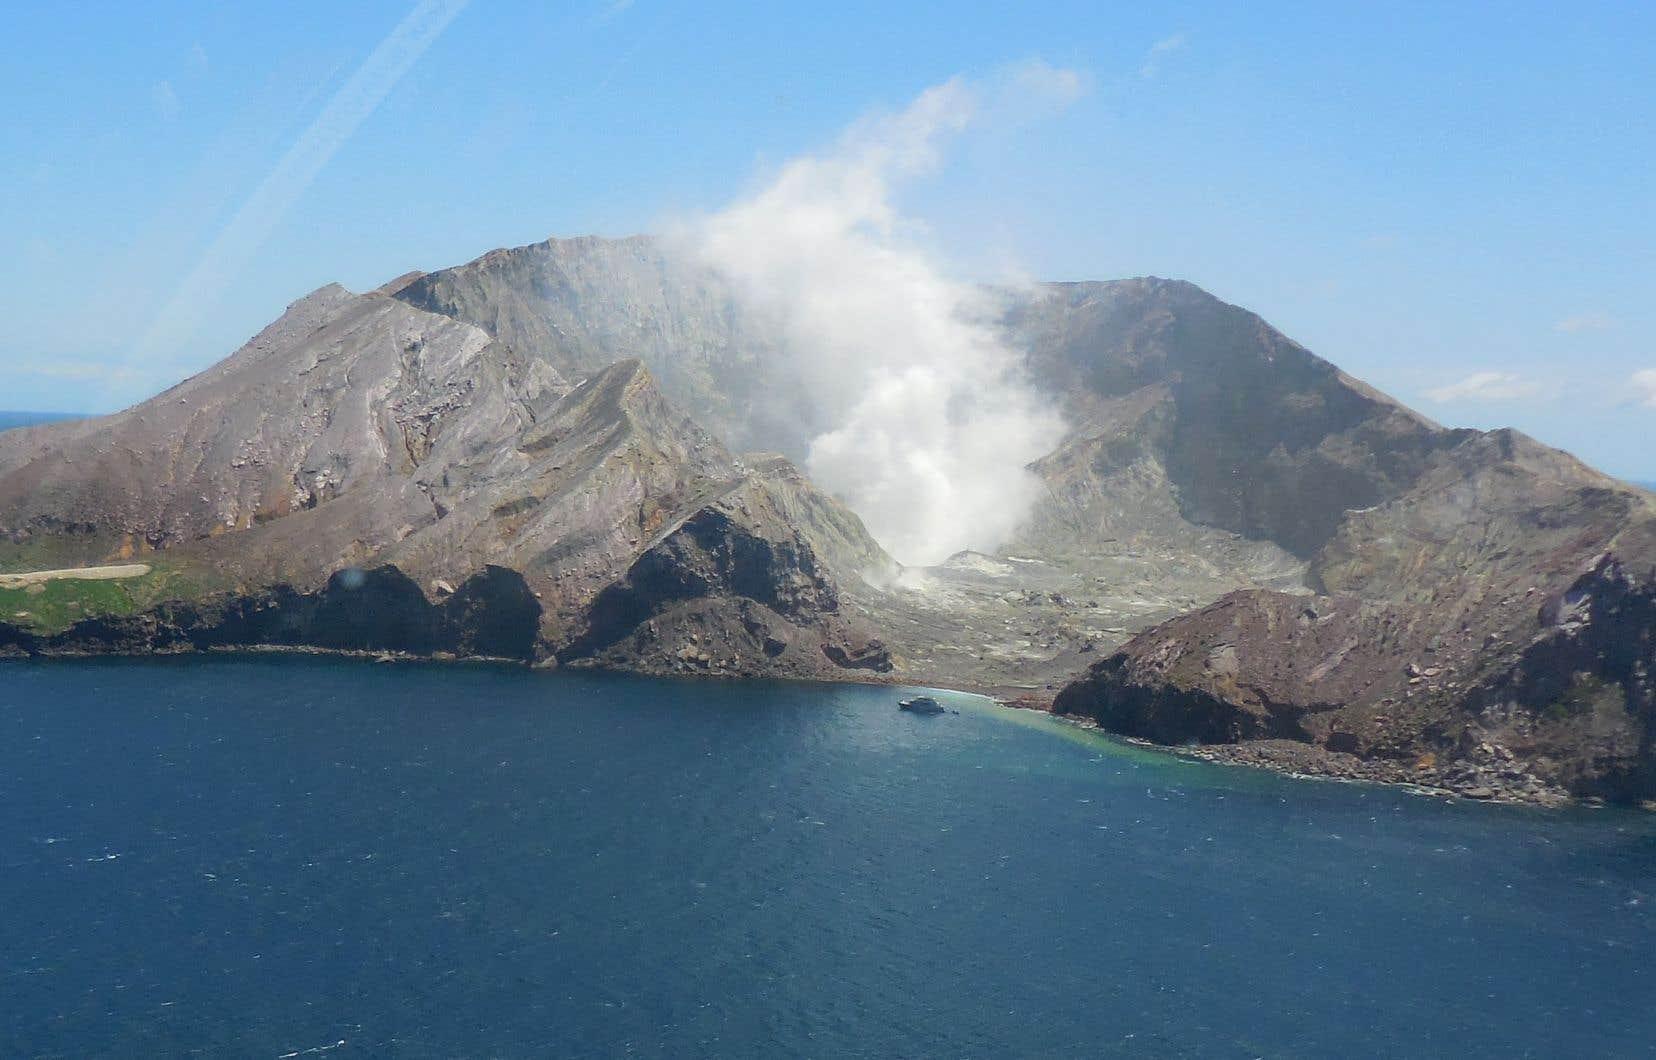 L'île volcanique de <span>Whakaari (</span>White island), en 2014